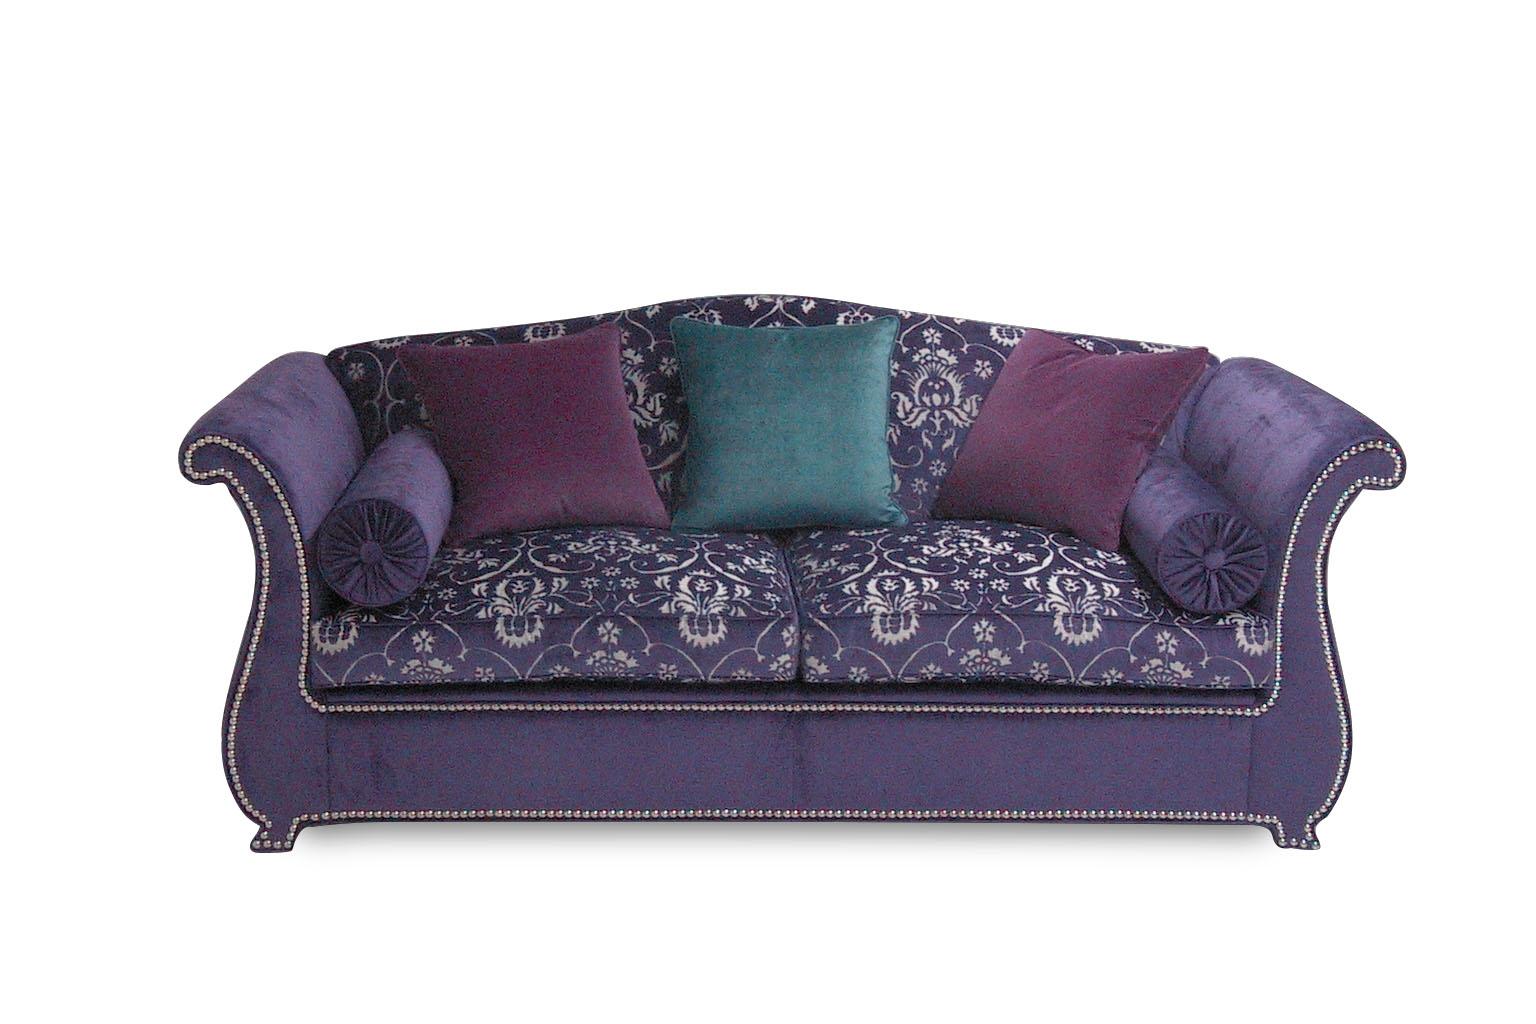 Lancillotto divano letto viola luciano valtorta - Divano letto viola ...